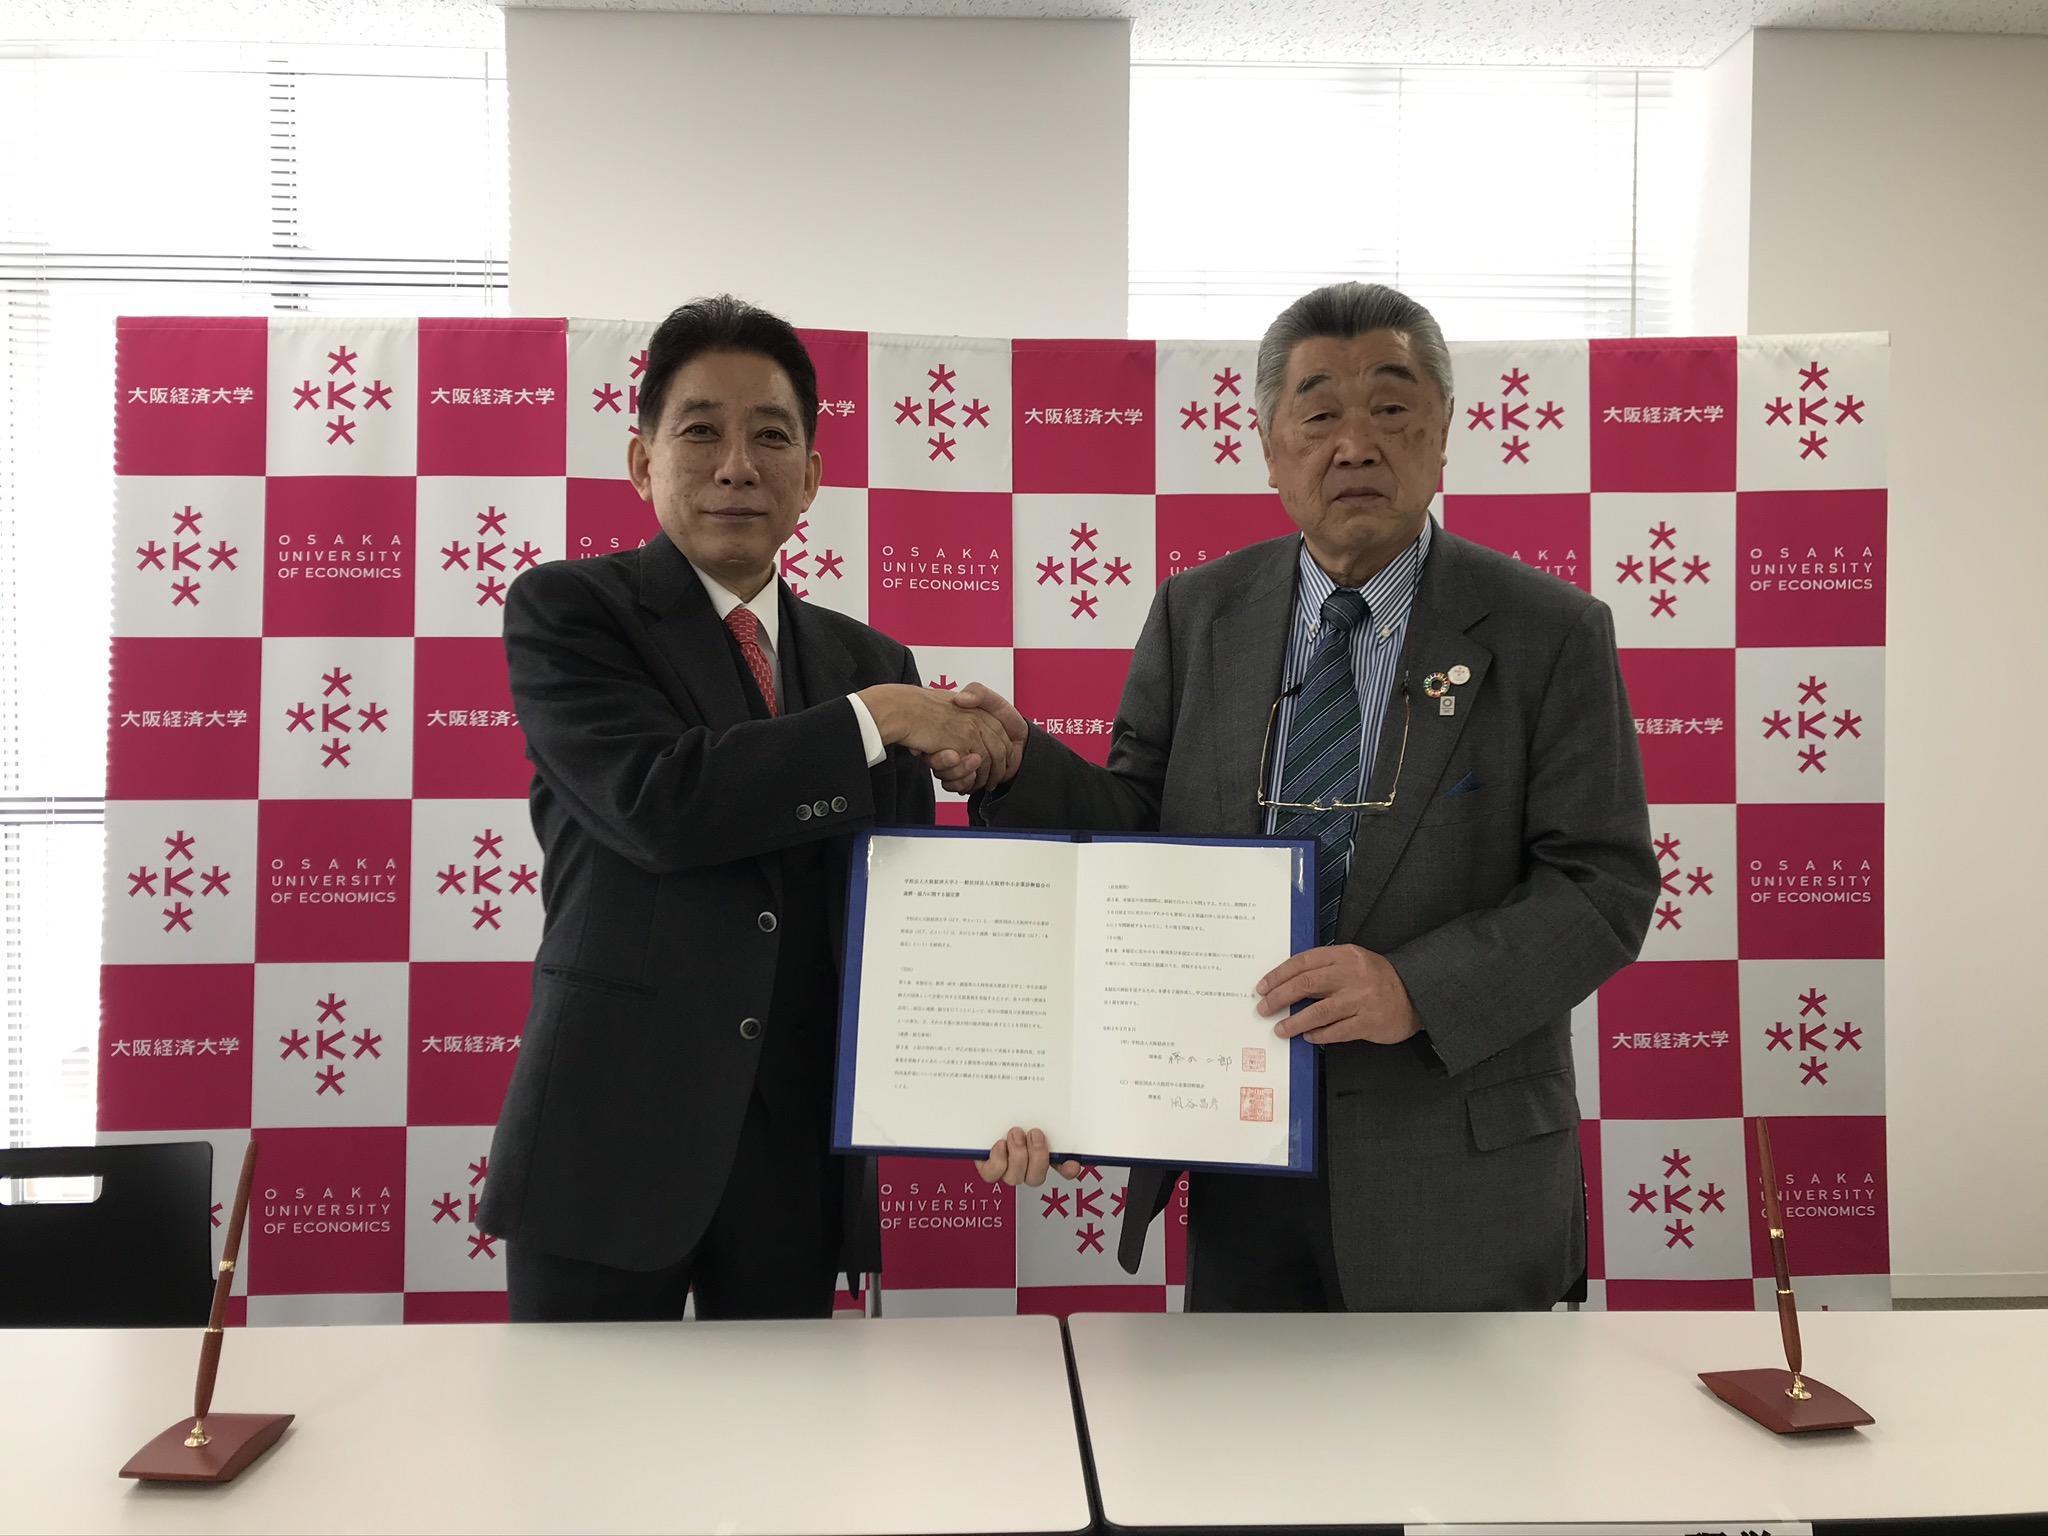 大阪経済大学~地域課題の解決を担うプラットフォーム機能を強化して商都大阪の原動力となるために~ 一般社団法人大阪府中小企業診断協会と「連携・協力に関する協定」を締結